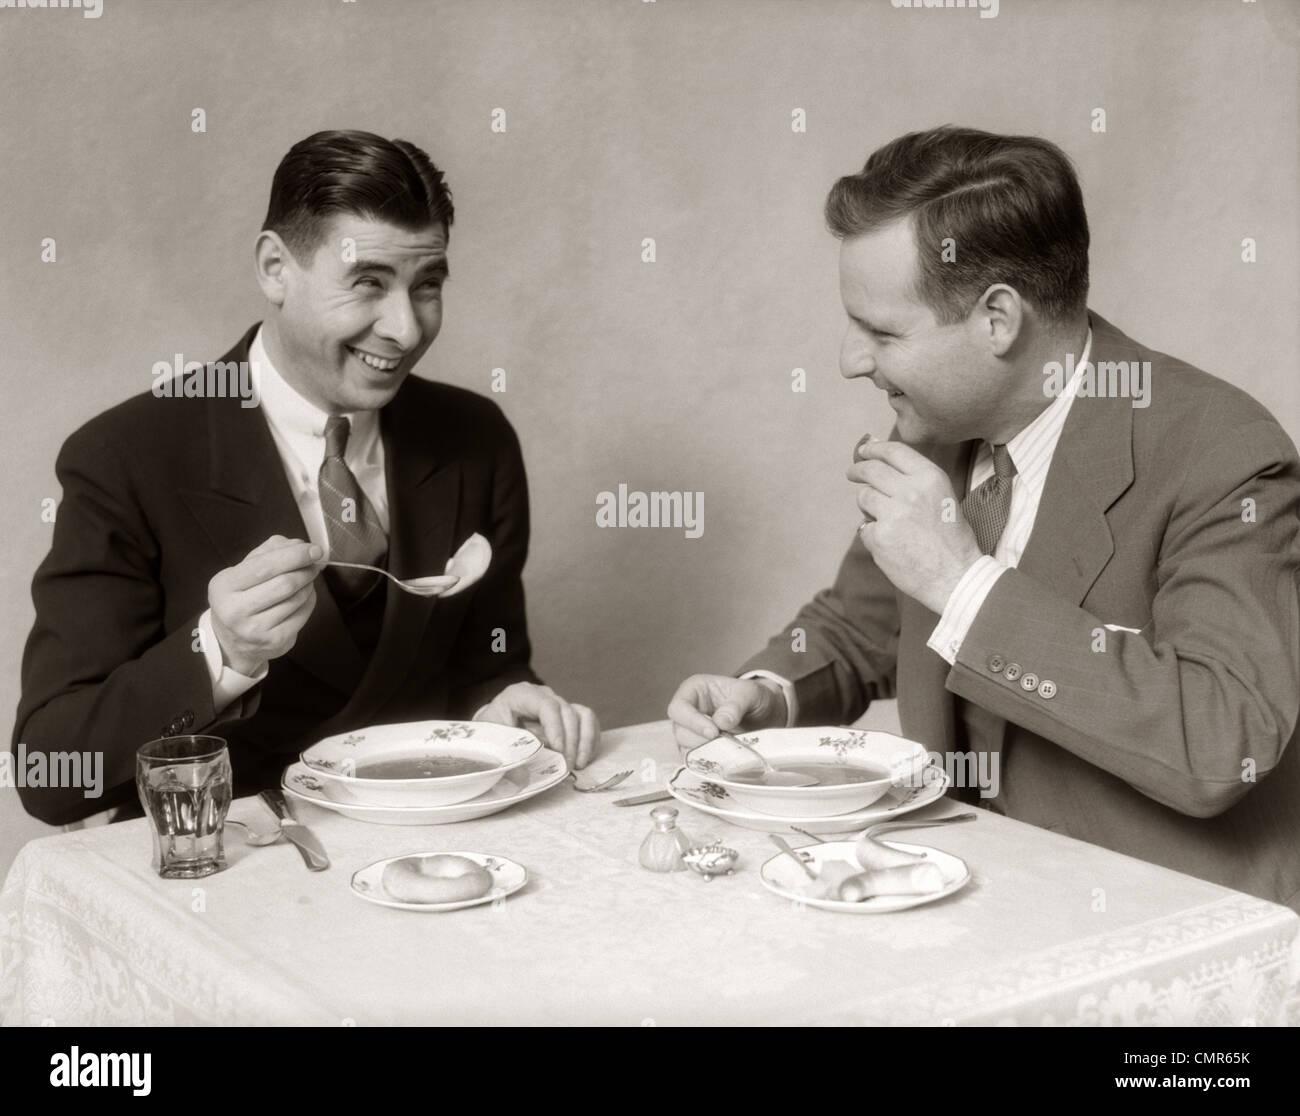 1930 Dos hombres sonrientes comiendo sopa de comedor Imagen De Stock